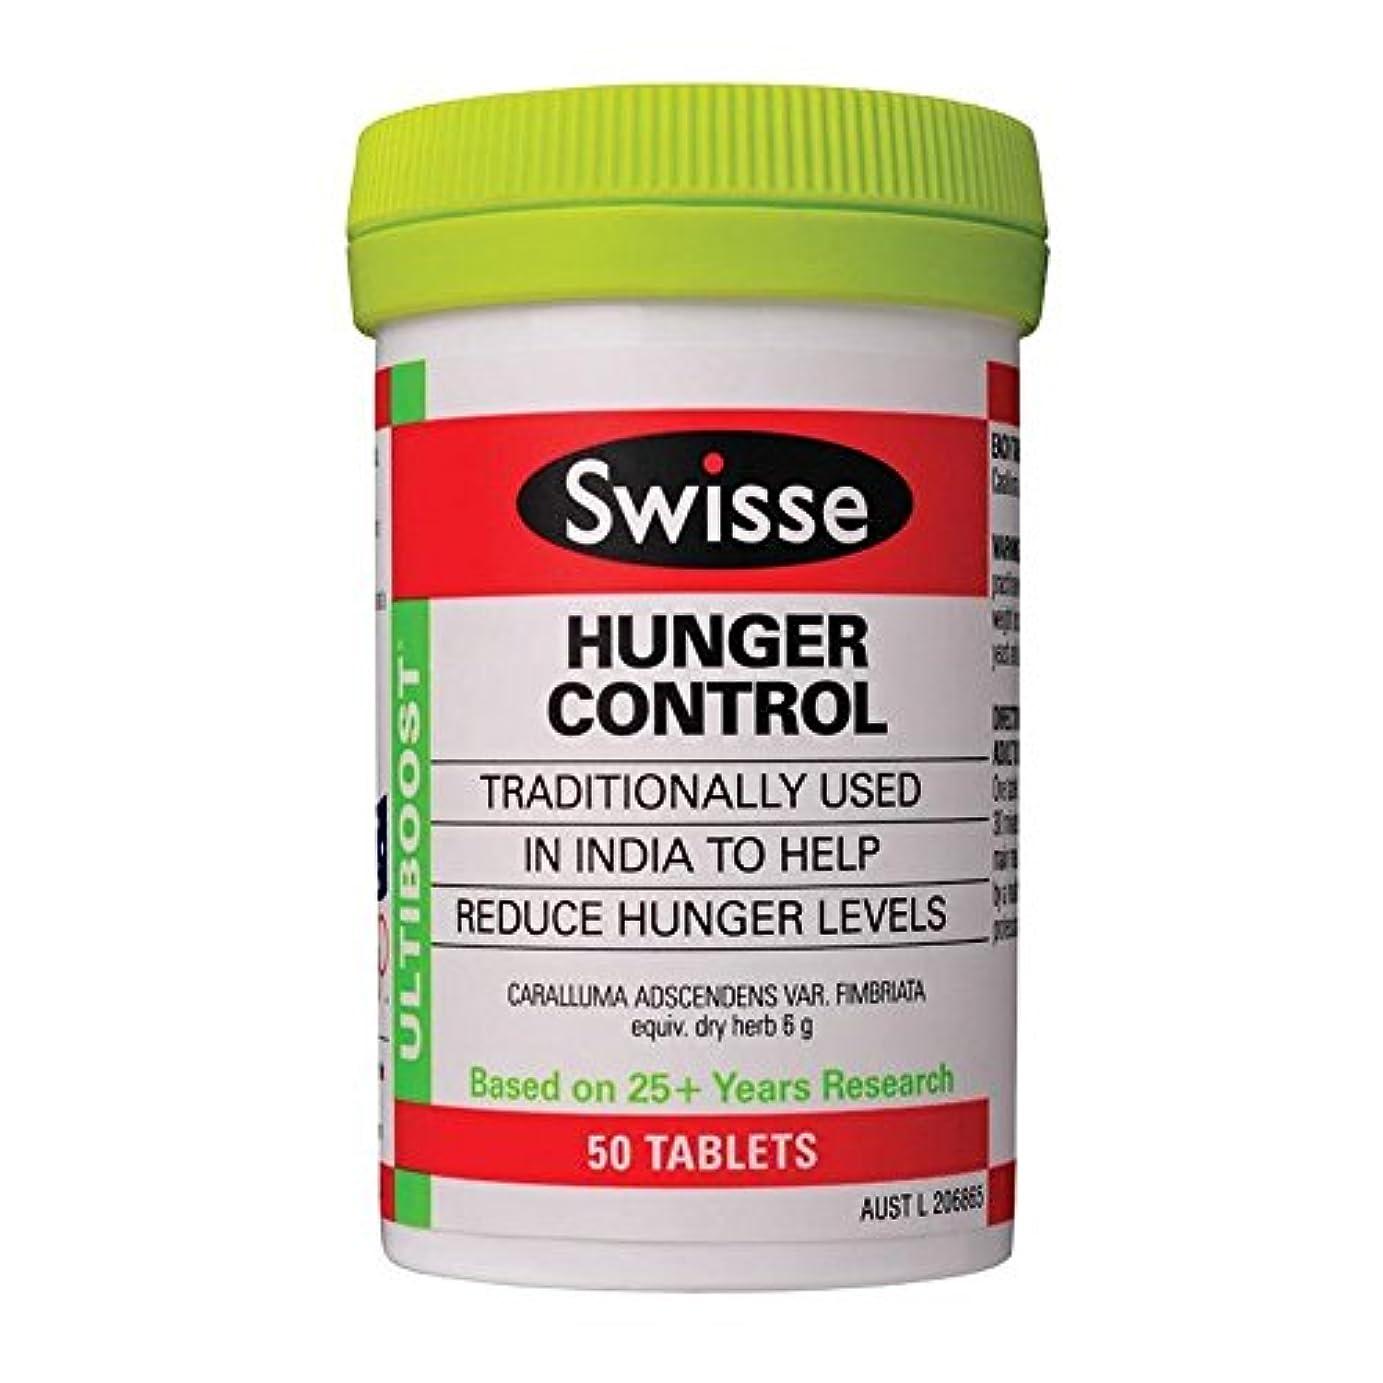 製品屋内雇うSwisse アルティブーストハンガーコントロール 50粒